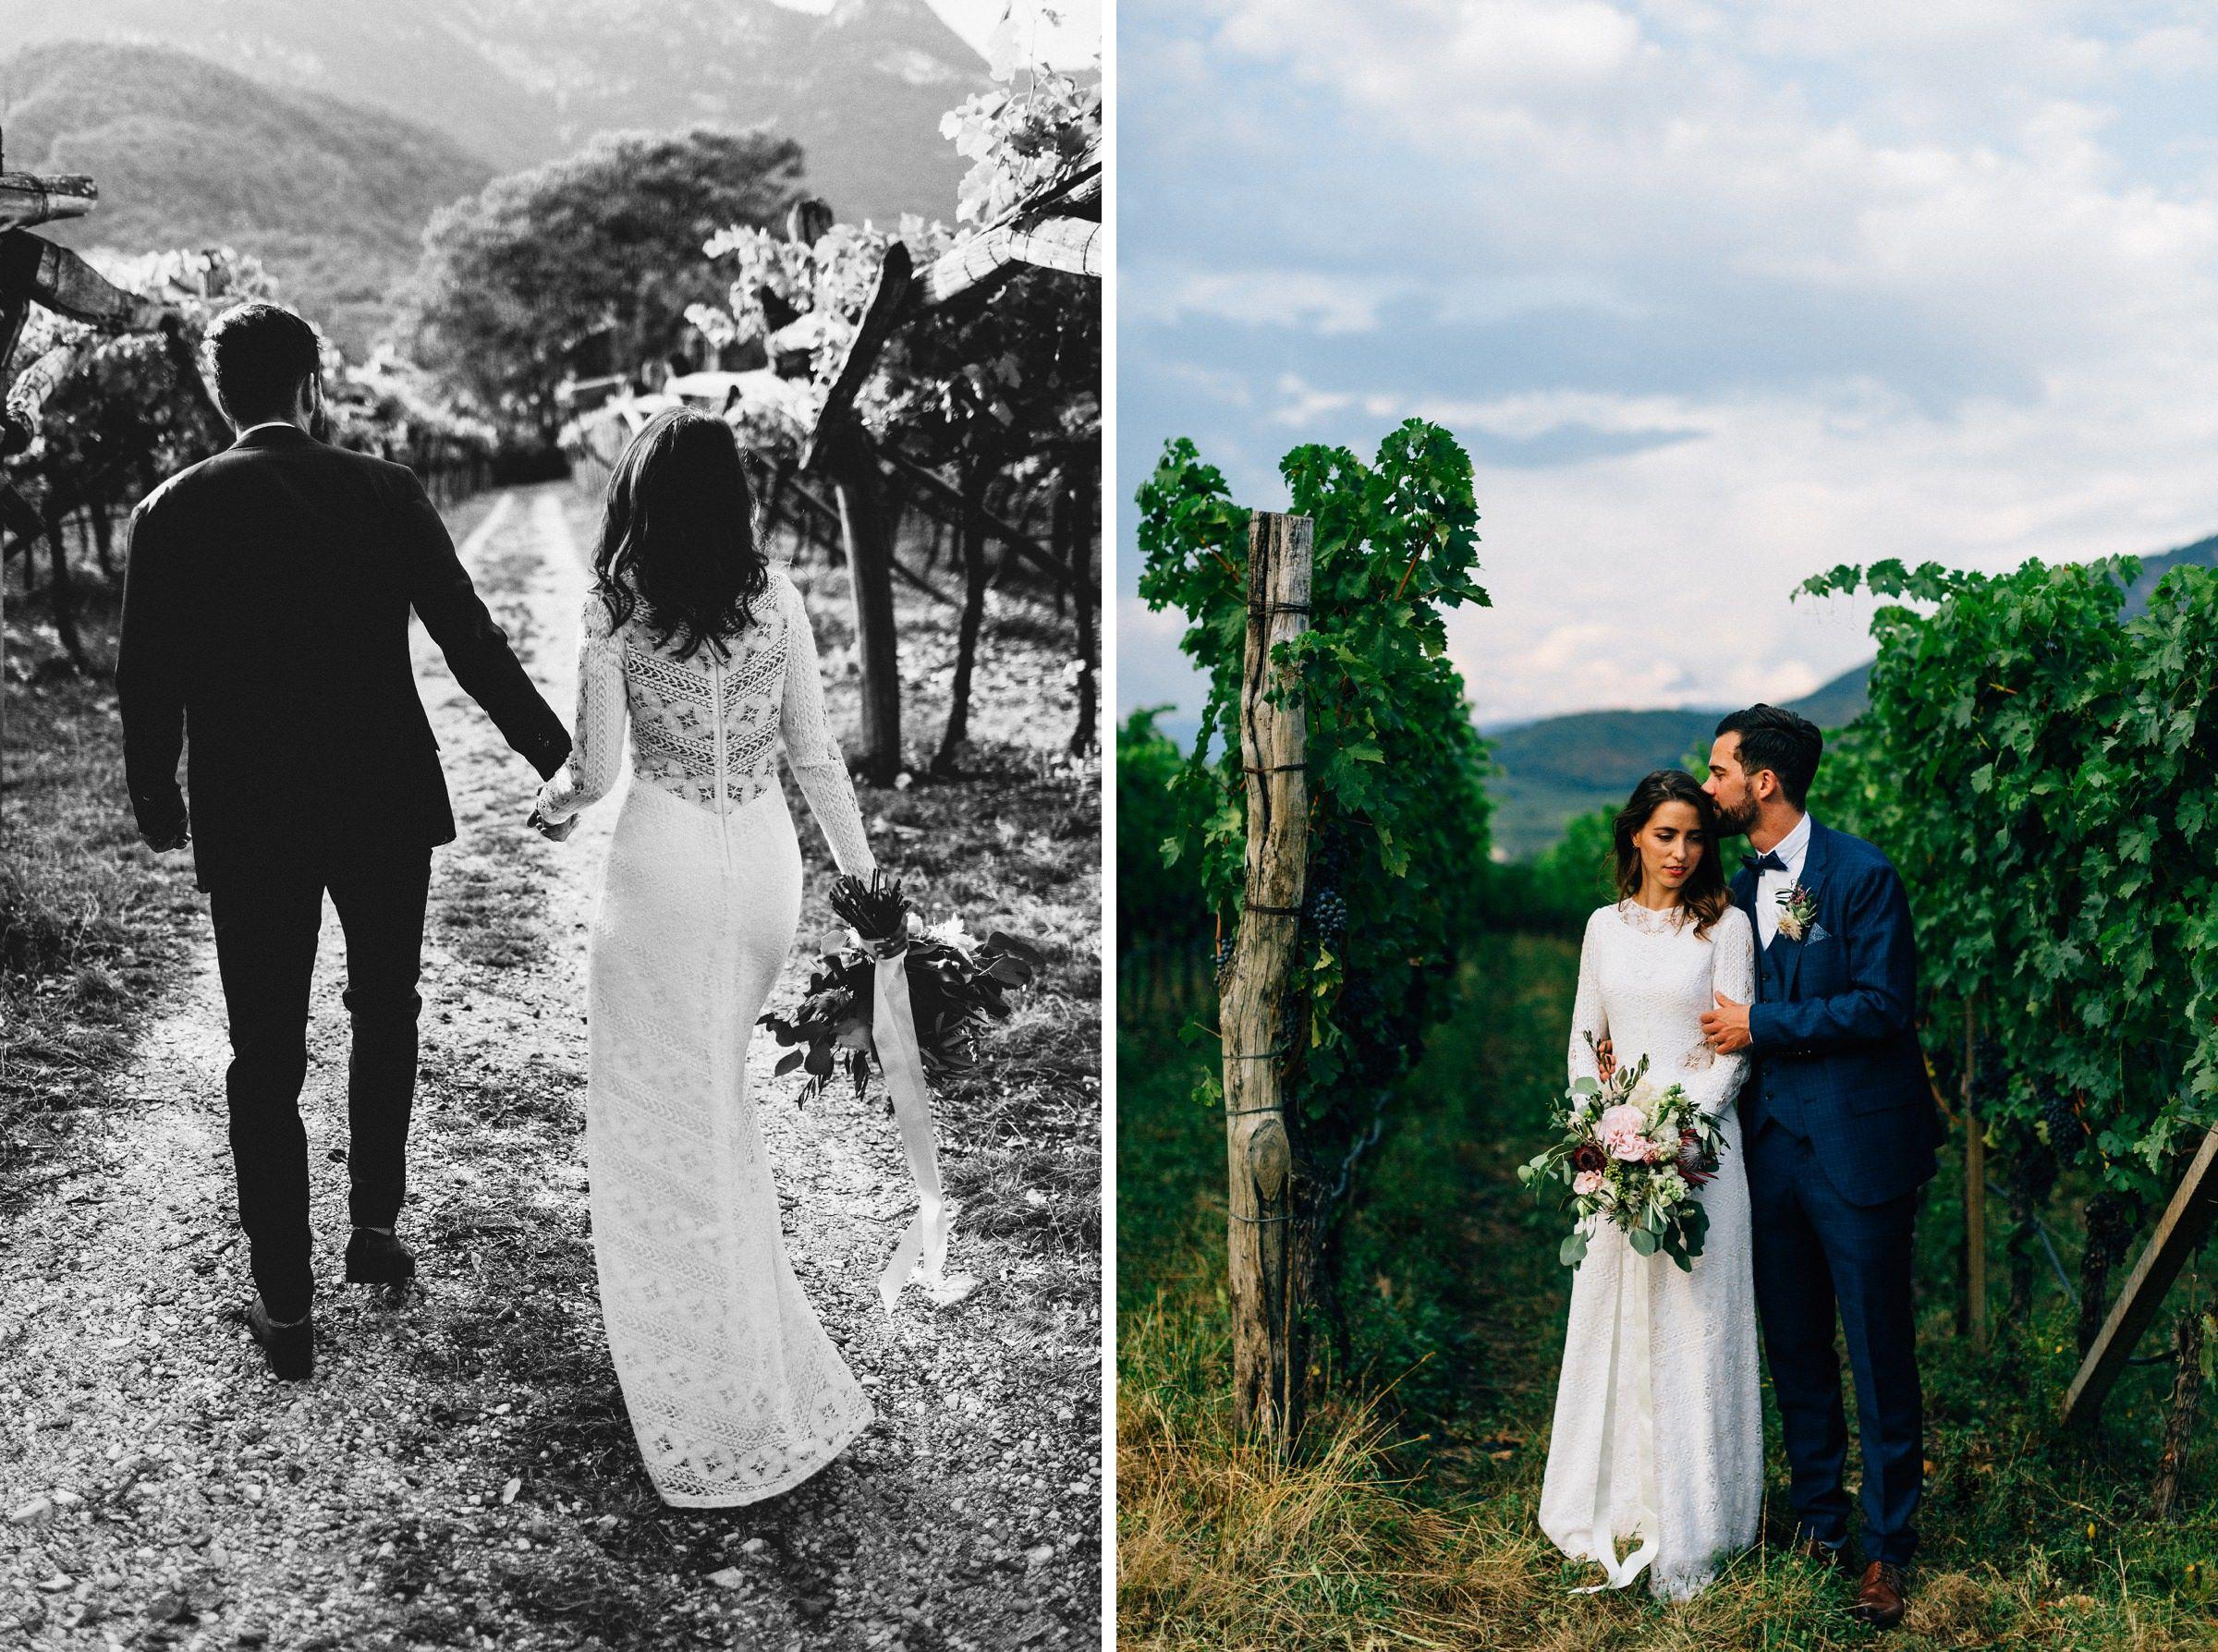 Tischfloristik Und Dekoration Mit Protea Und Blumenmeer Mediterran Exotisch Von Anmut Und Sinn Foto D Mediterrane Hochzeit Protea Hochzeit Krauter Hochzeit